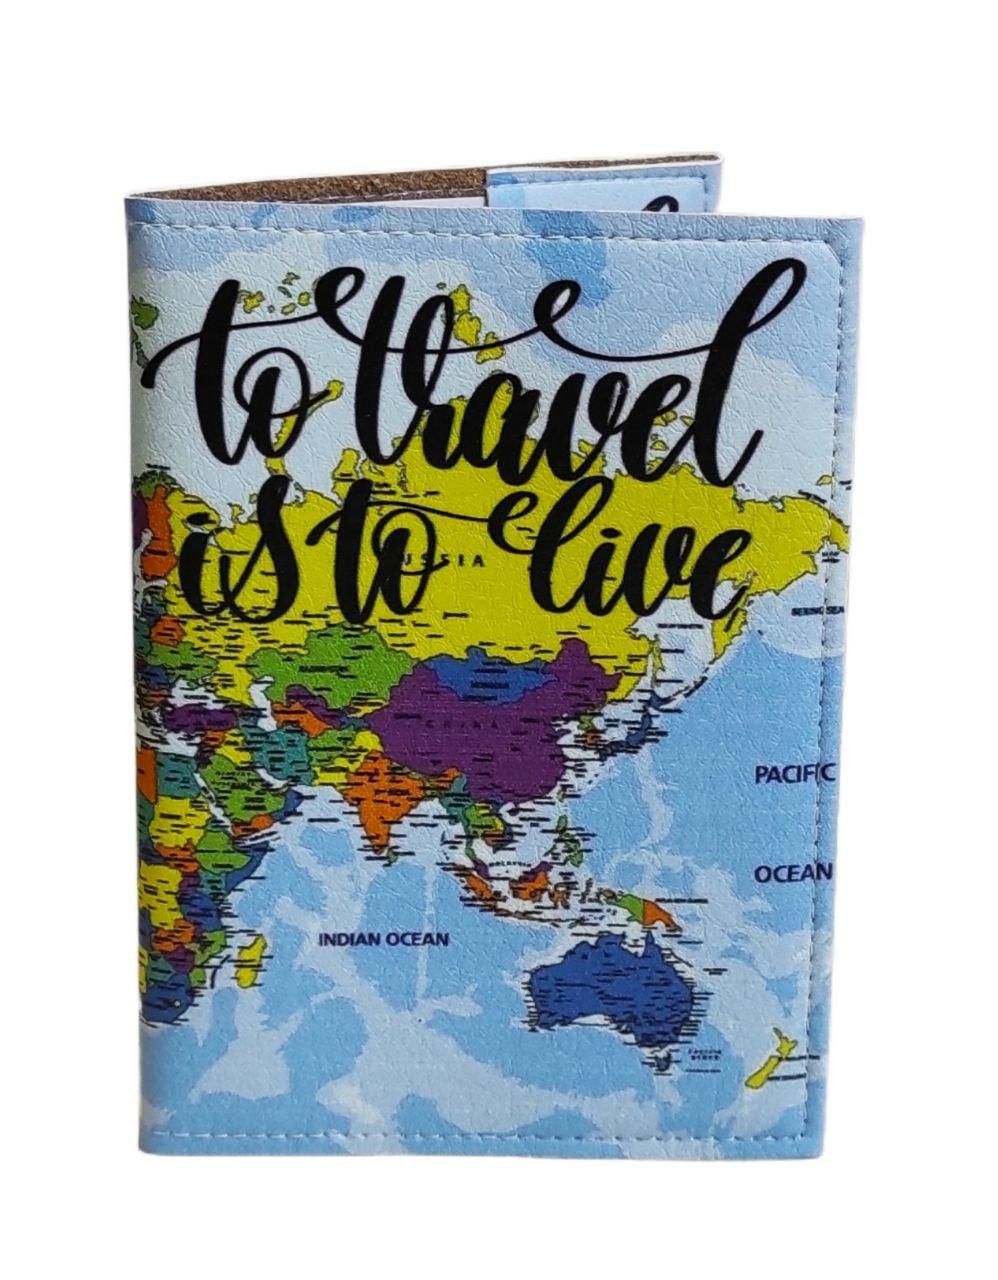 Обкладинка на біометричний, закордонний або внутрішній паспорт з принтом